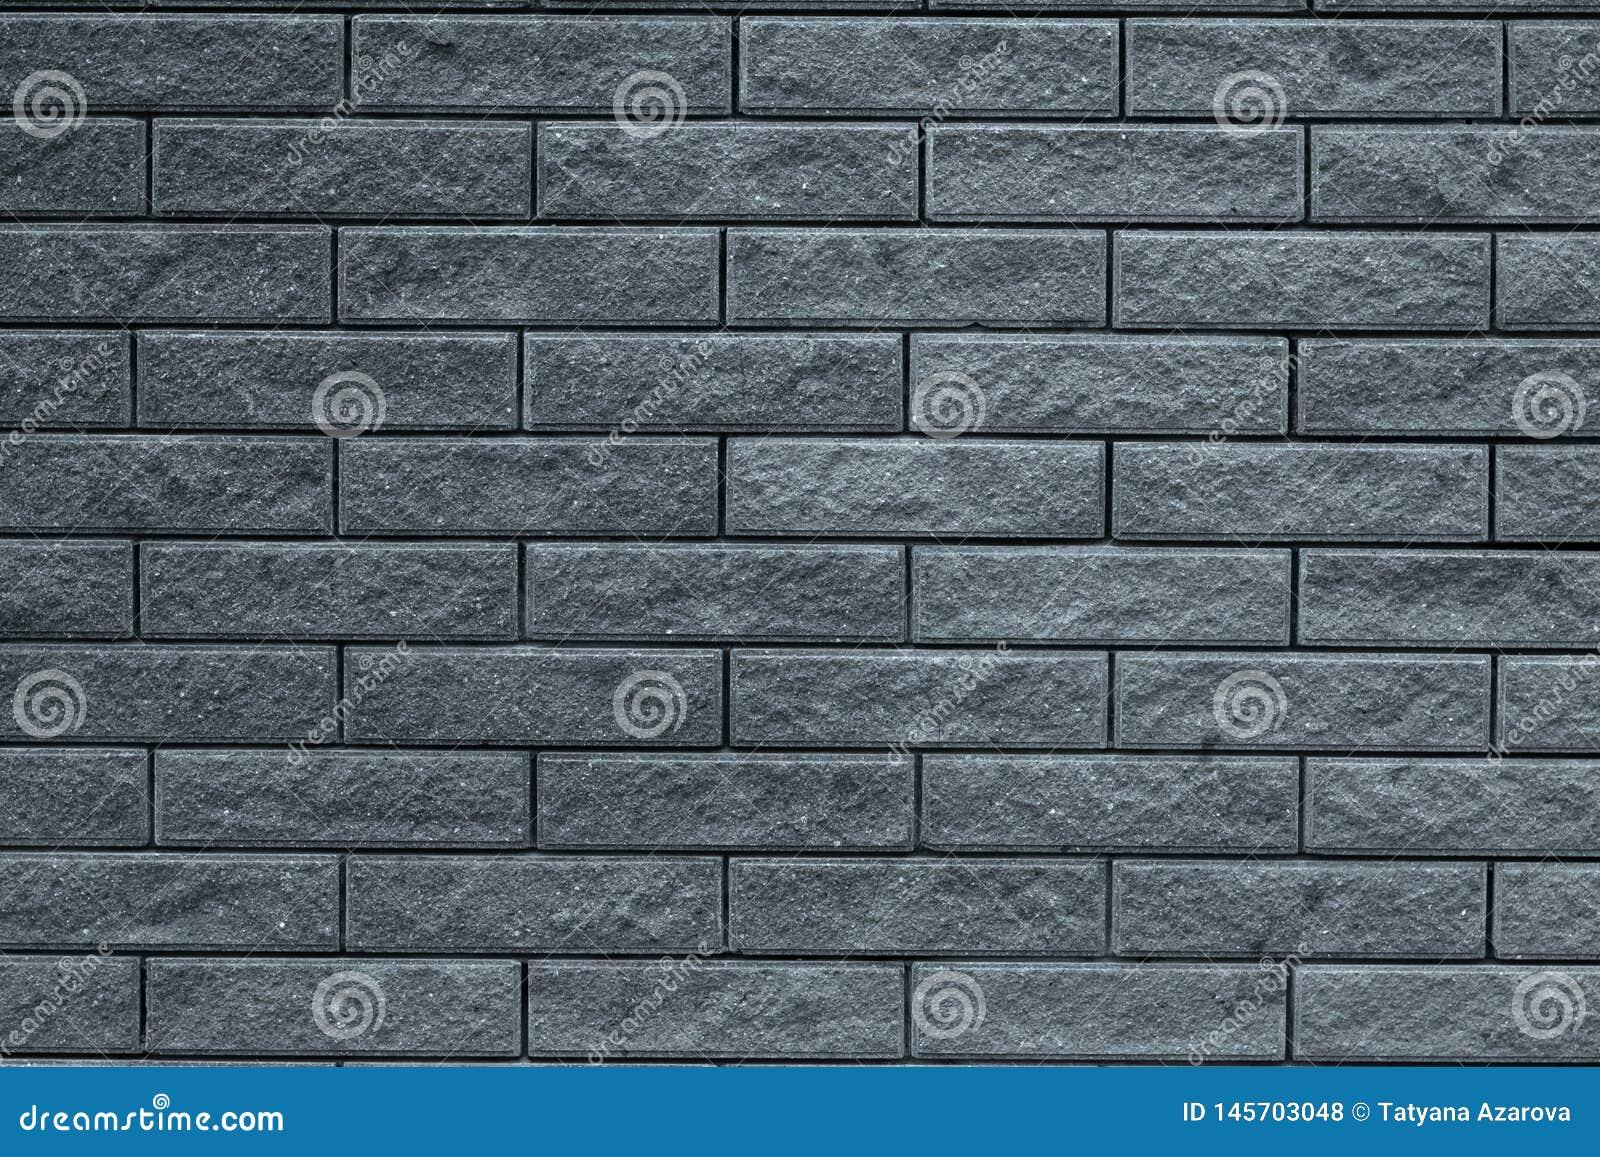 Modelo gris abstracto del fondo de la pared de ladrillo Fondo de piedra gris claro Los ladrillos grises texturizan el contexto de